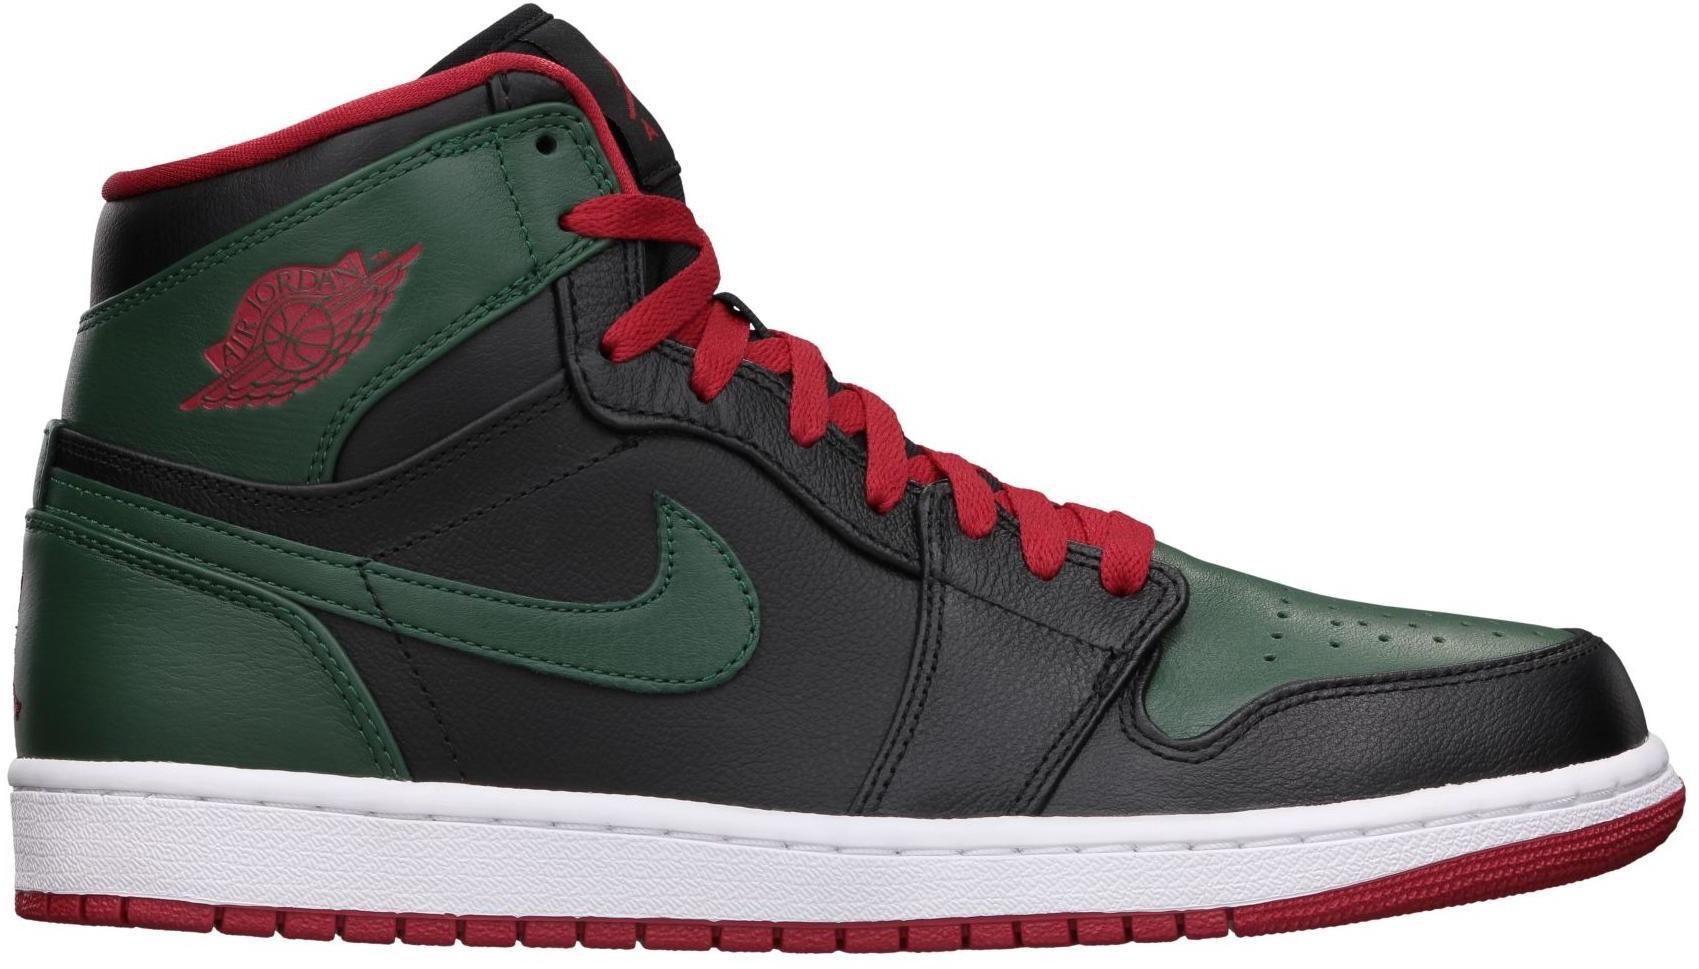 Jordan 1 Retro Green Gucci